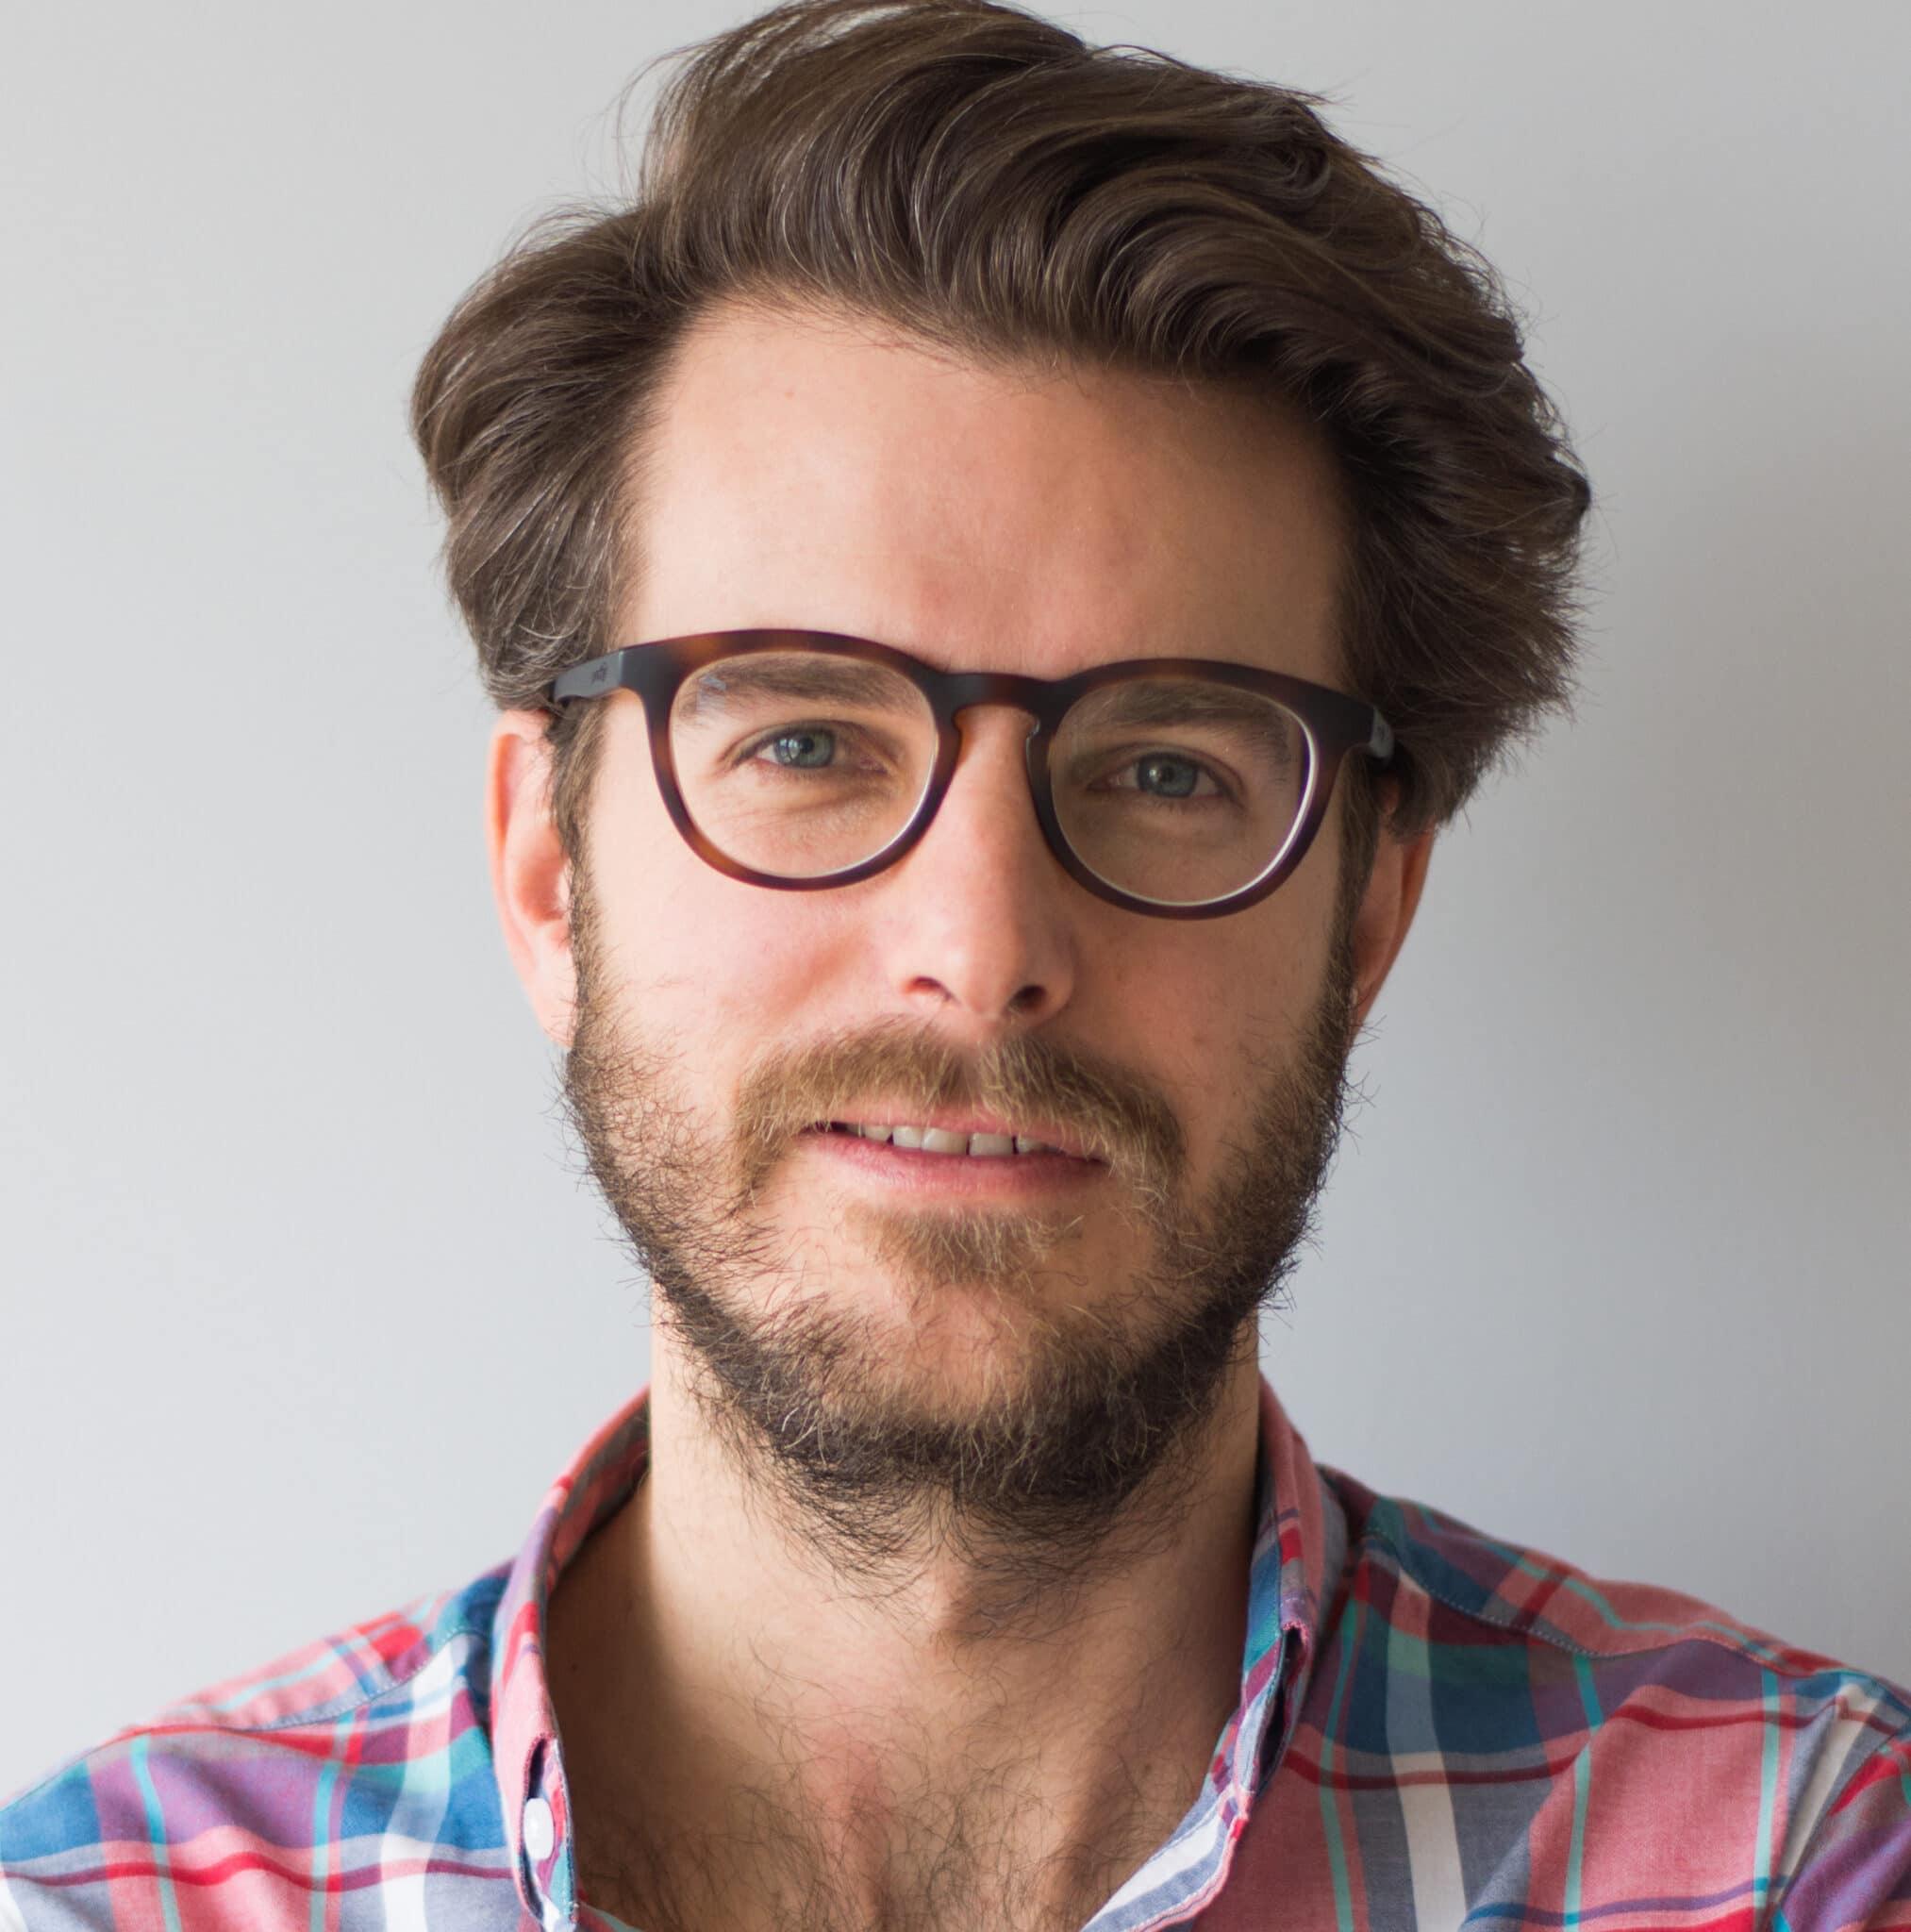 Gesichter Oliver Schmid